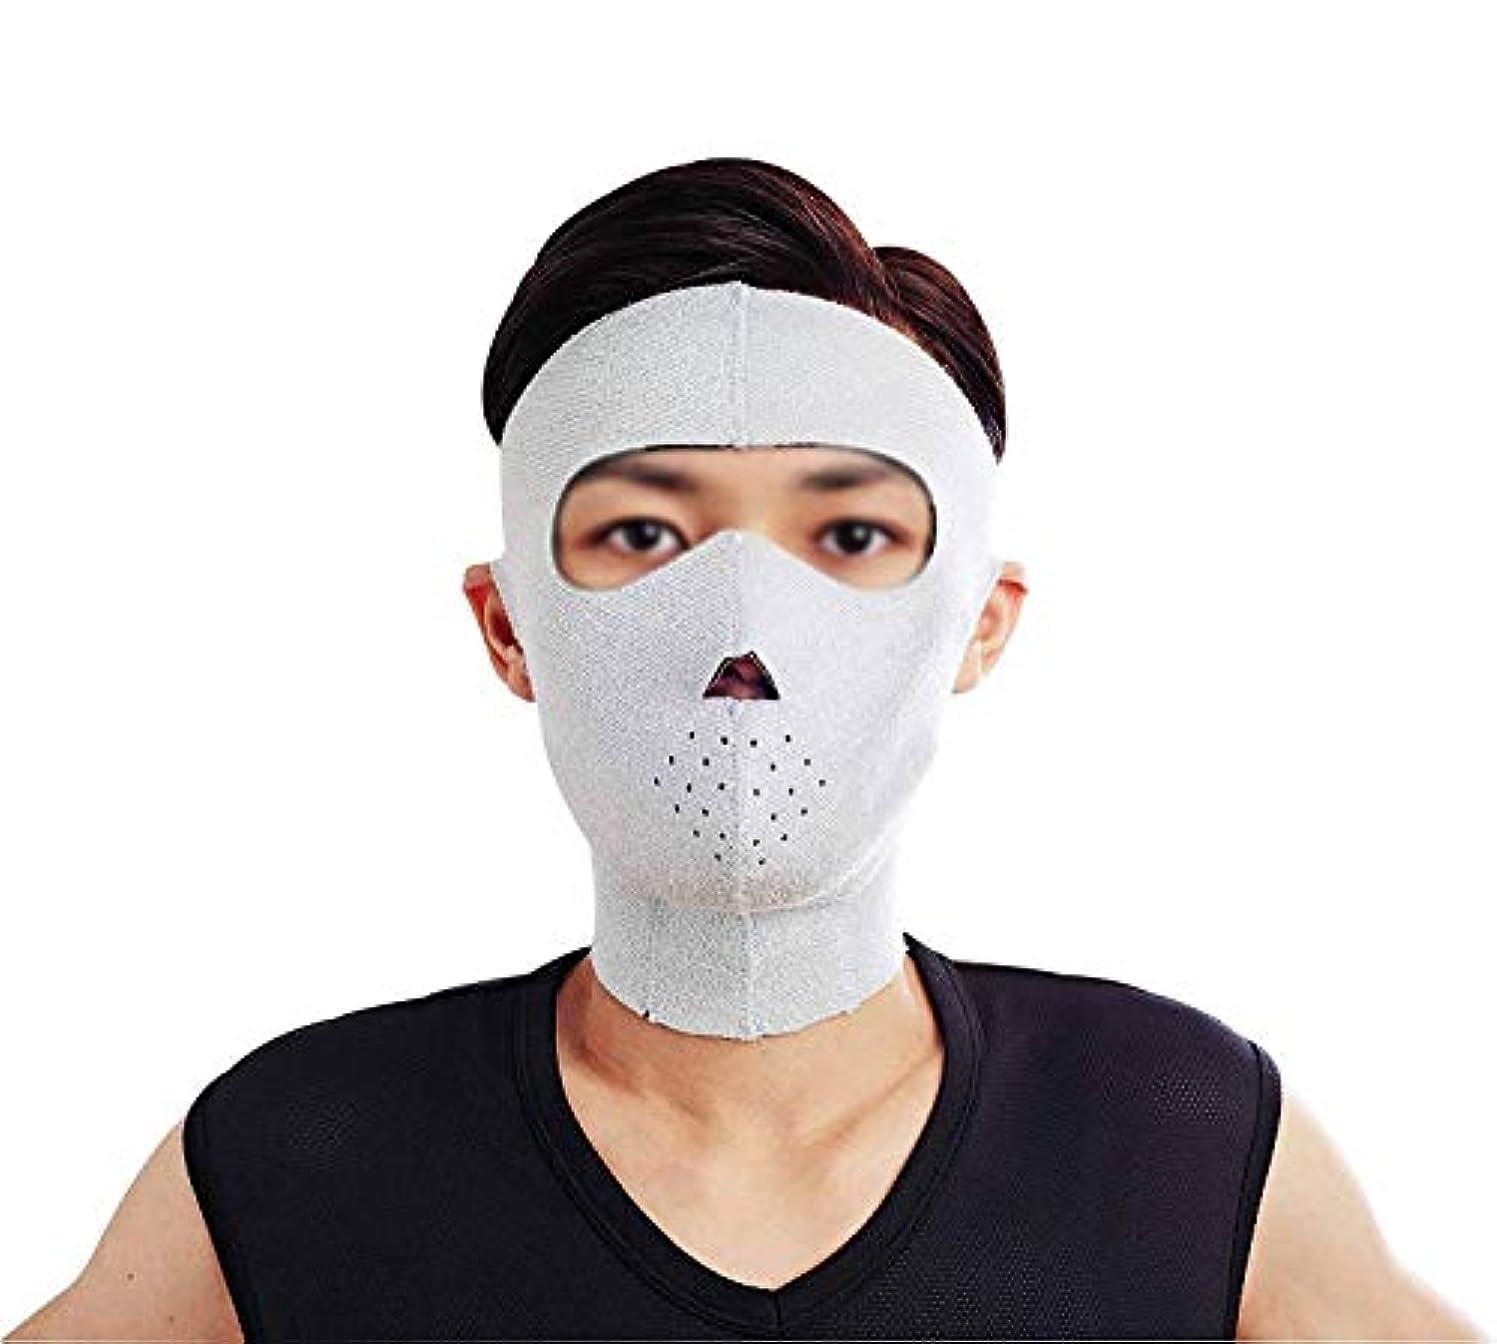 数学者充実ランクフェイスリフトマスク、フェイシャルマスクプラス薄いフェイスマスクタイトなたるみの薄いフェイスマスクフェイシャル薄いフェイスマスクアーティファクトビューティー男性ネックストラップ付き